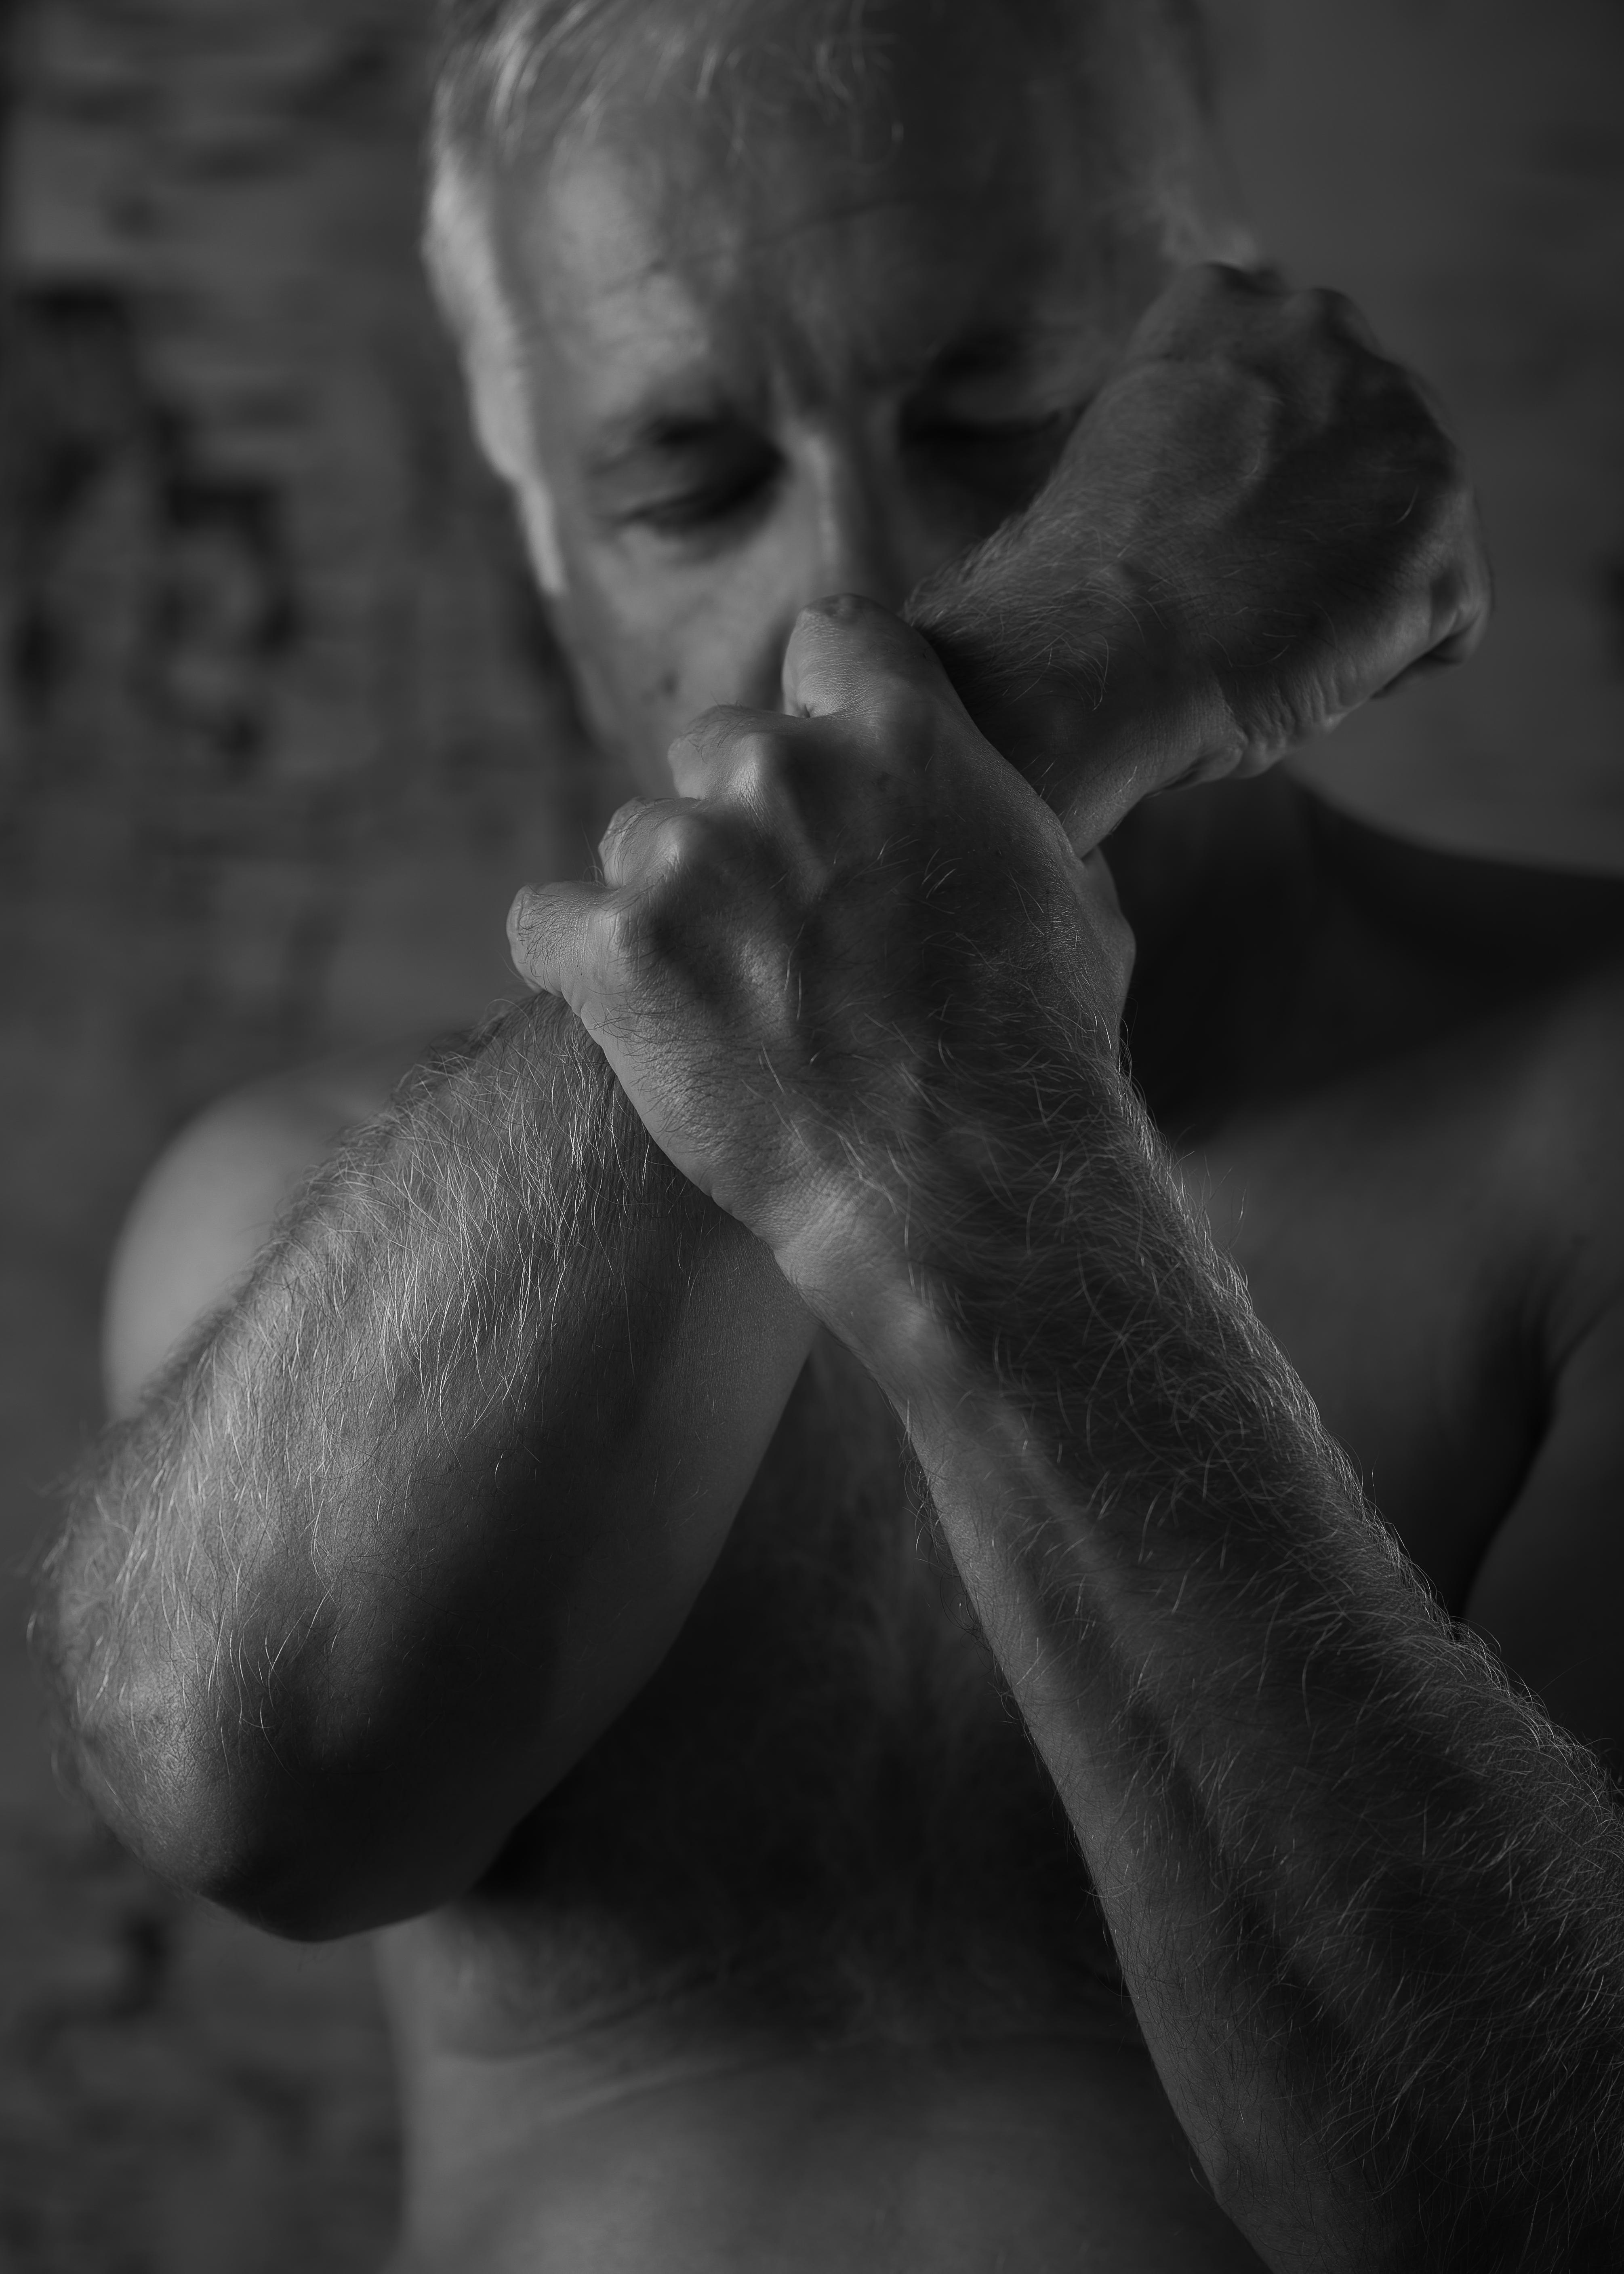 homme mature en nu artistique noir et blanc poings serrés